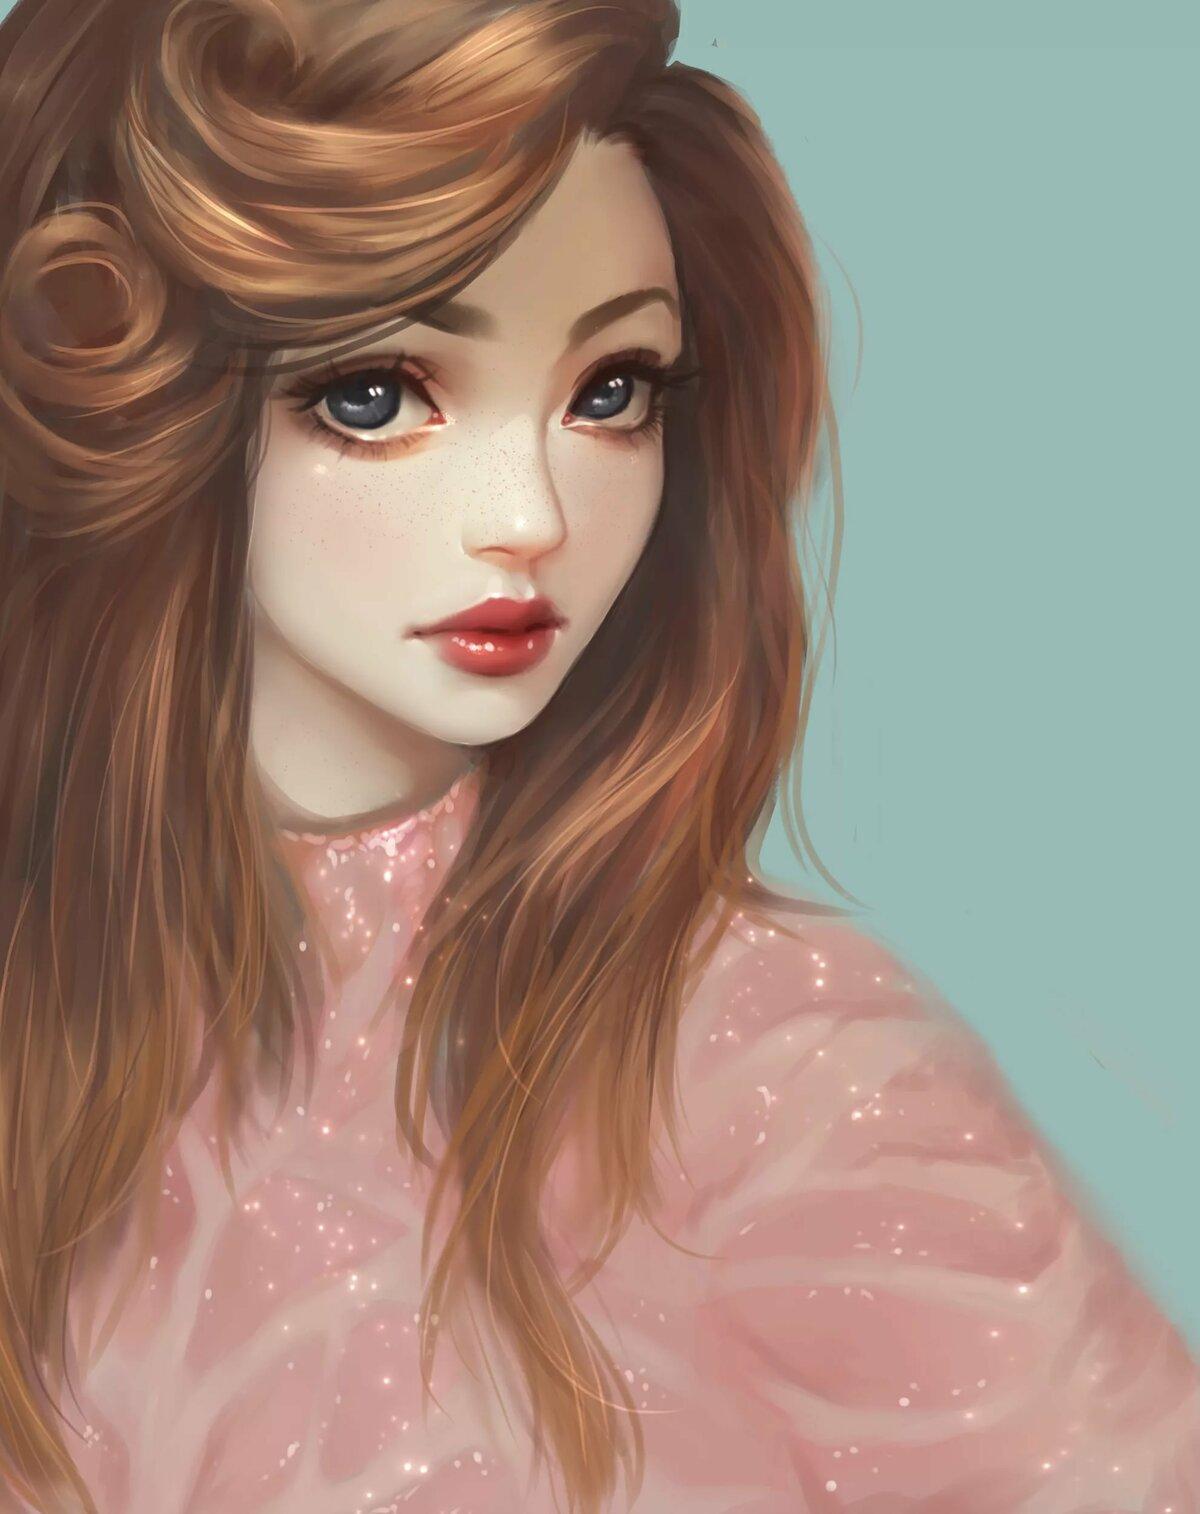 Спокойной, нарисованные картинки с девушками красивыми